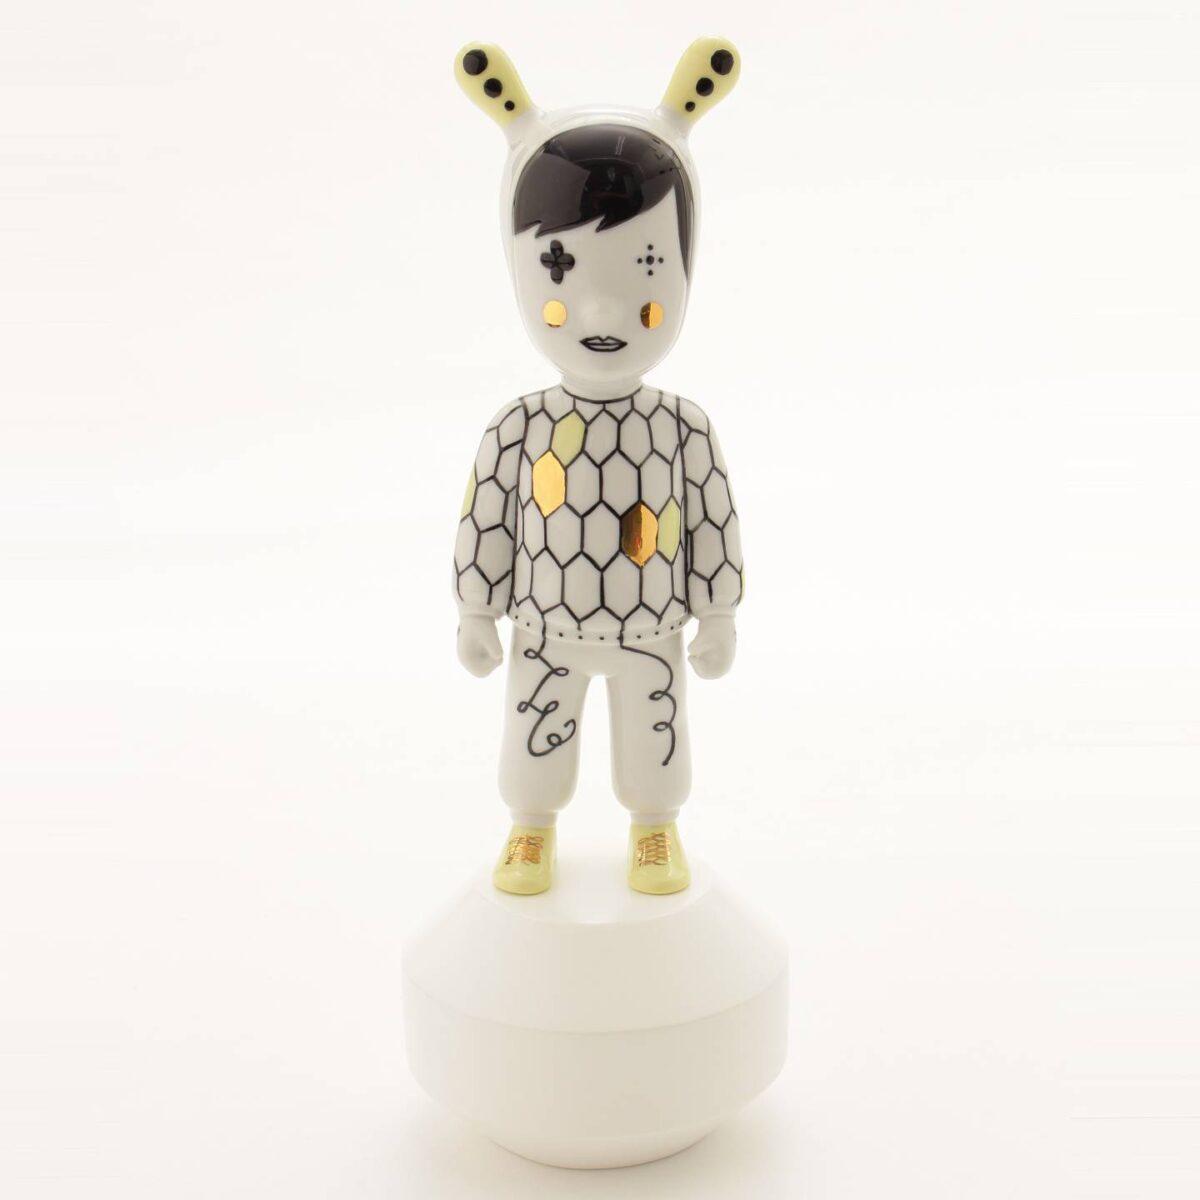 リヤドロ The Guest by Jaime Hayon-Little 陶器人形 置物 インテリア 7283